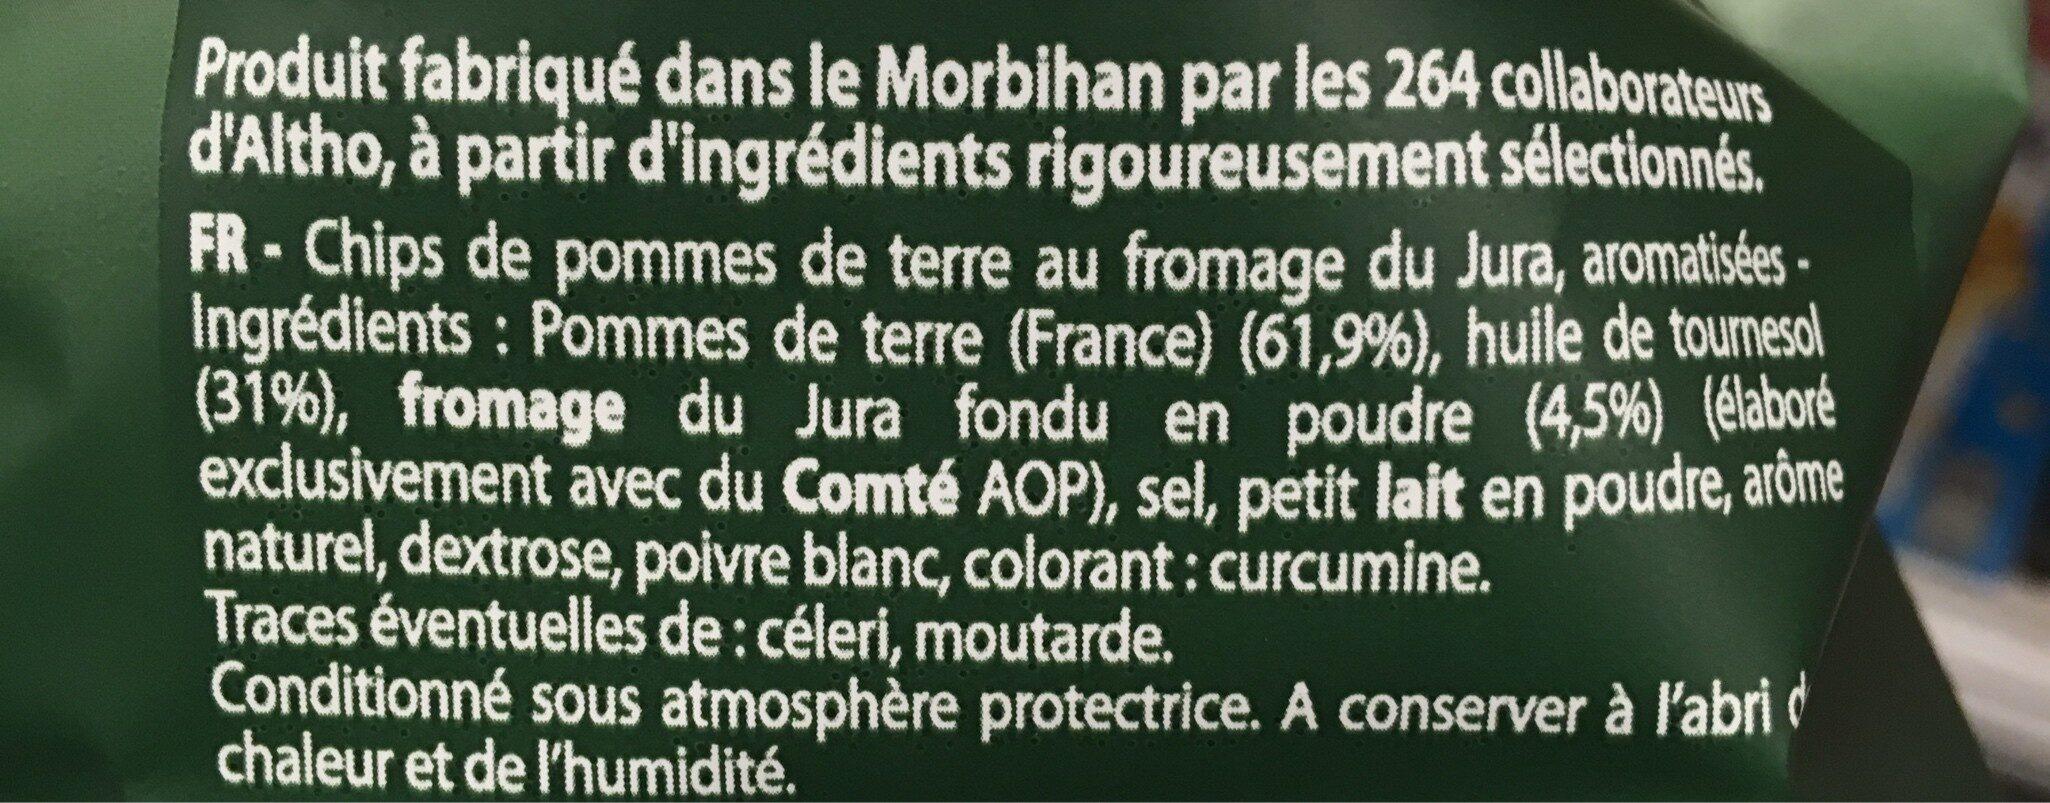 Chips au fromage du Jura - Ingrédients